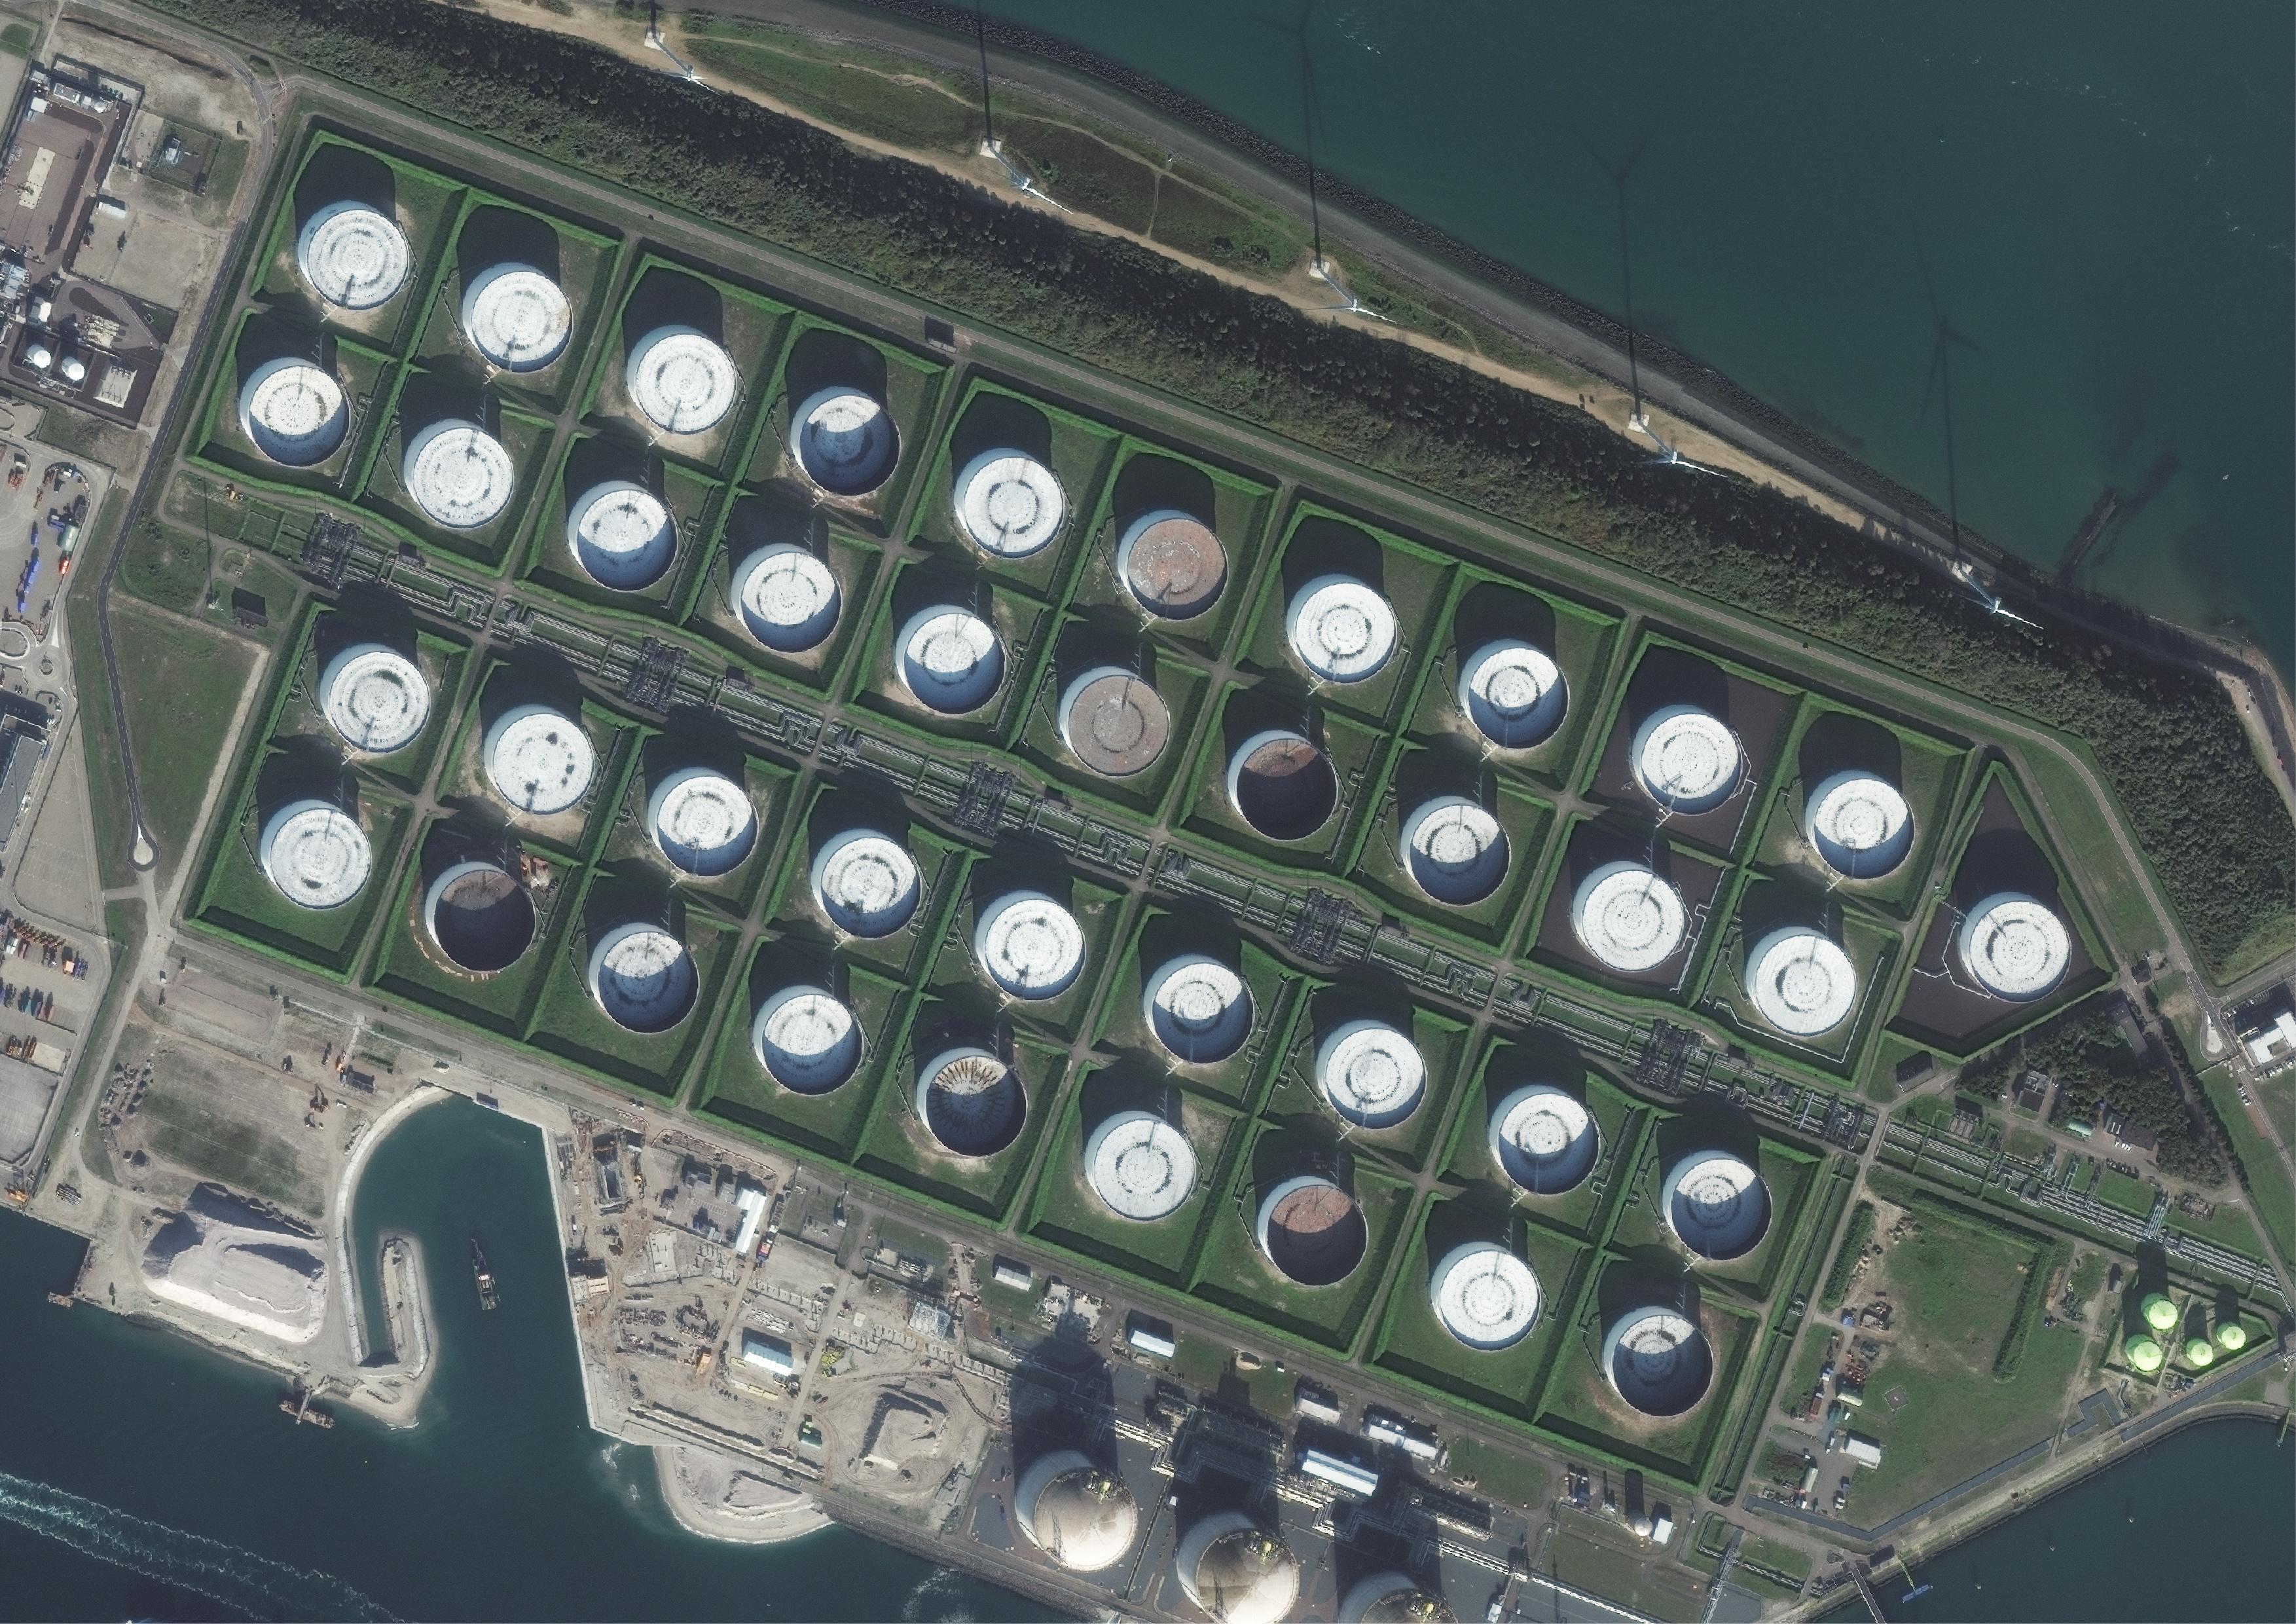 Maasvlakte_Netherlands1_CreditDataDigitalGlobe_JPEG